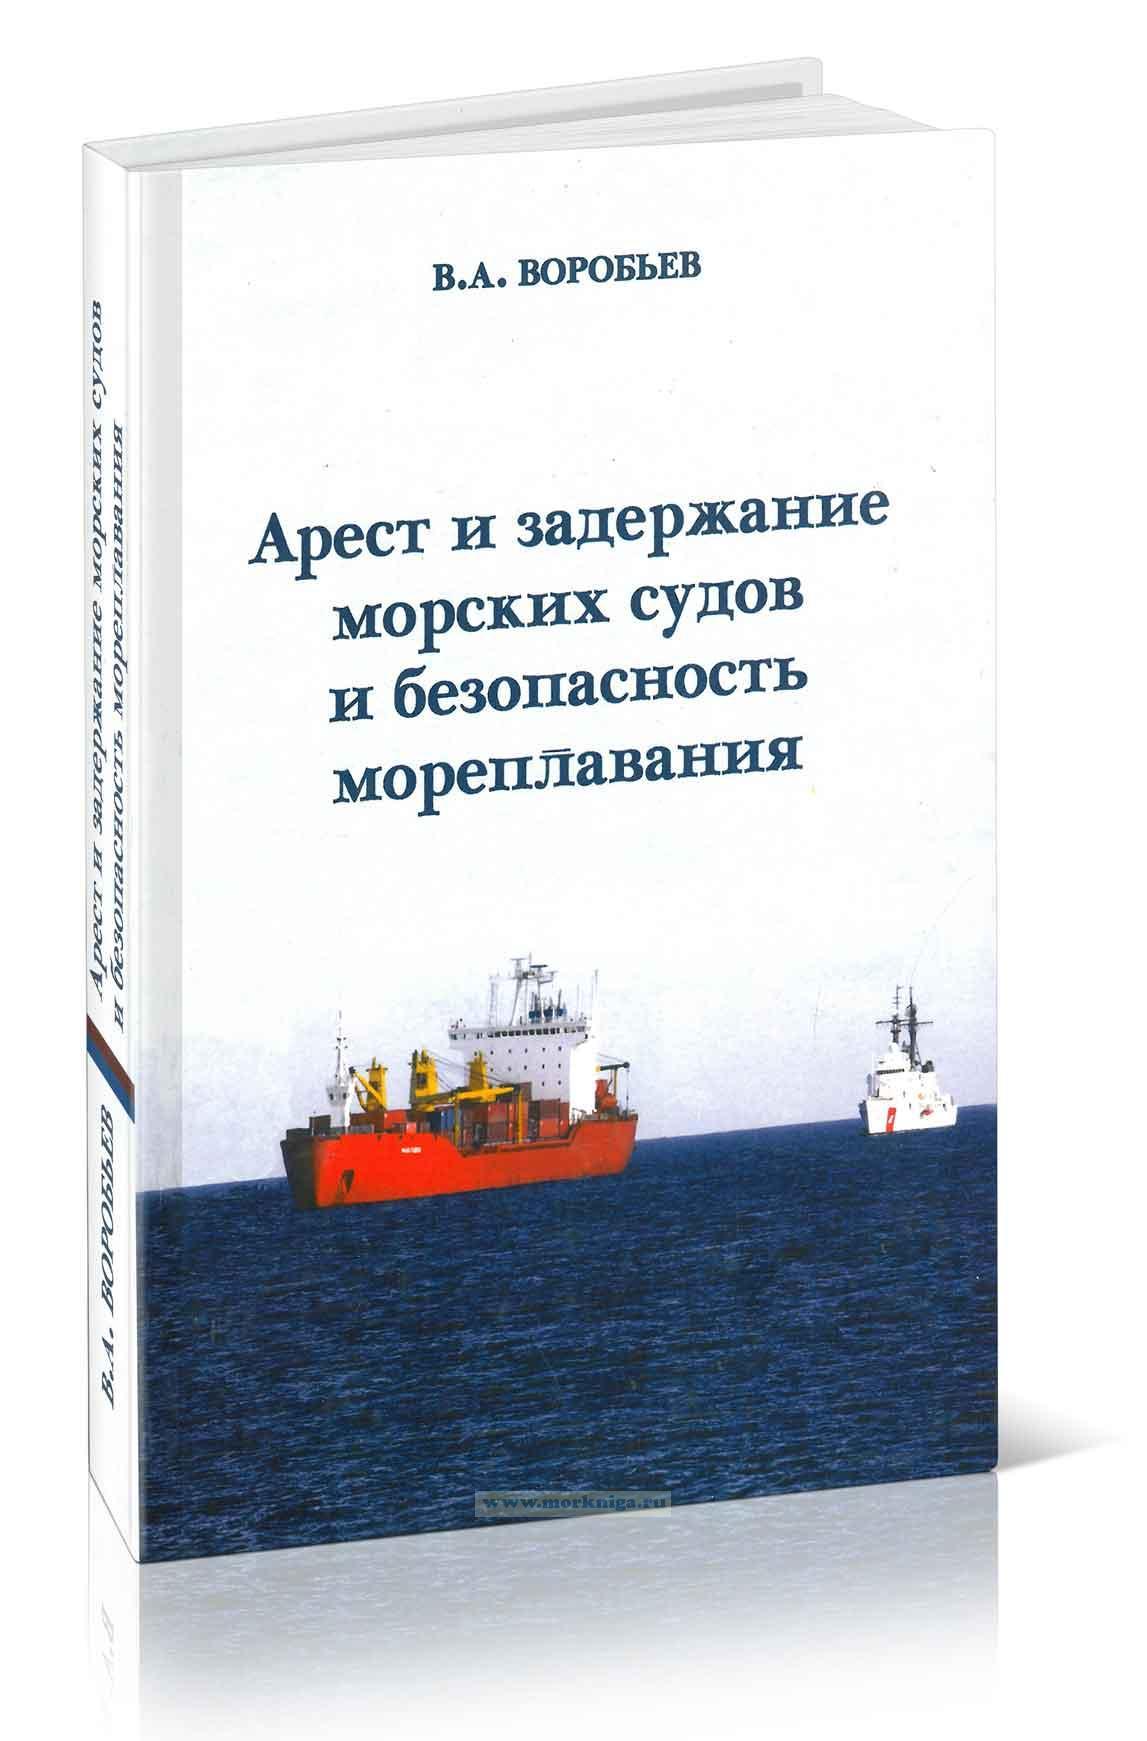 Арест и задержание морских судов и безопасность мореплавания